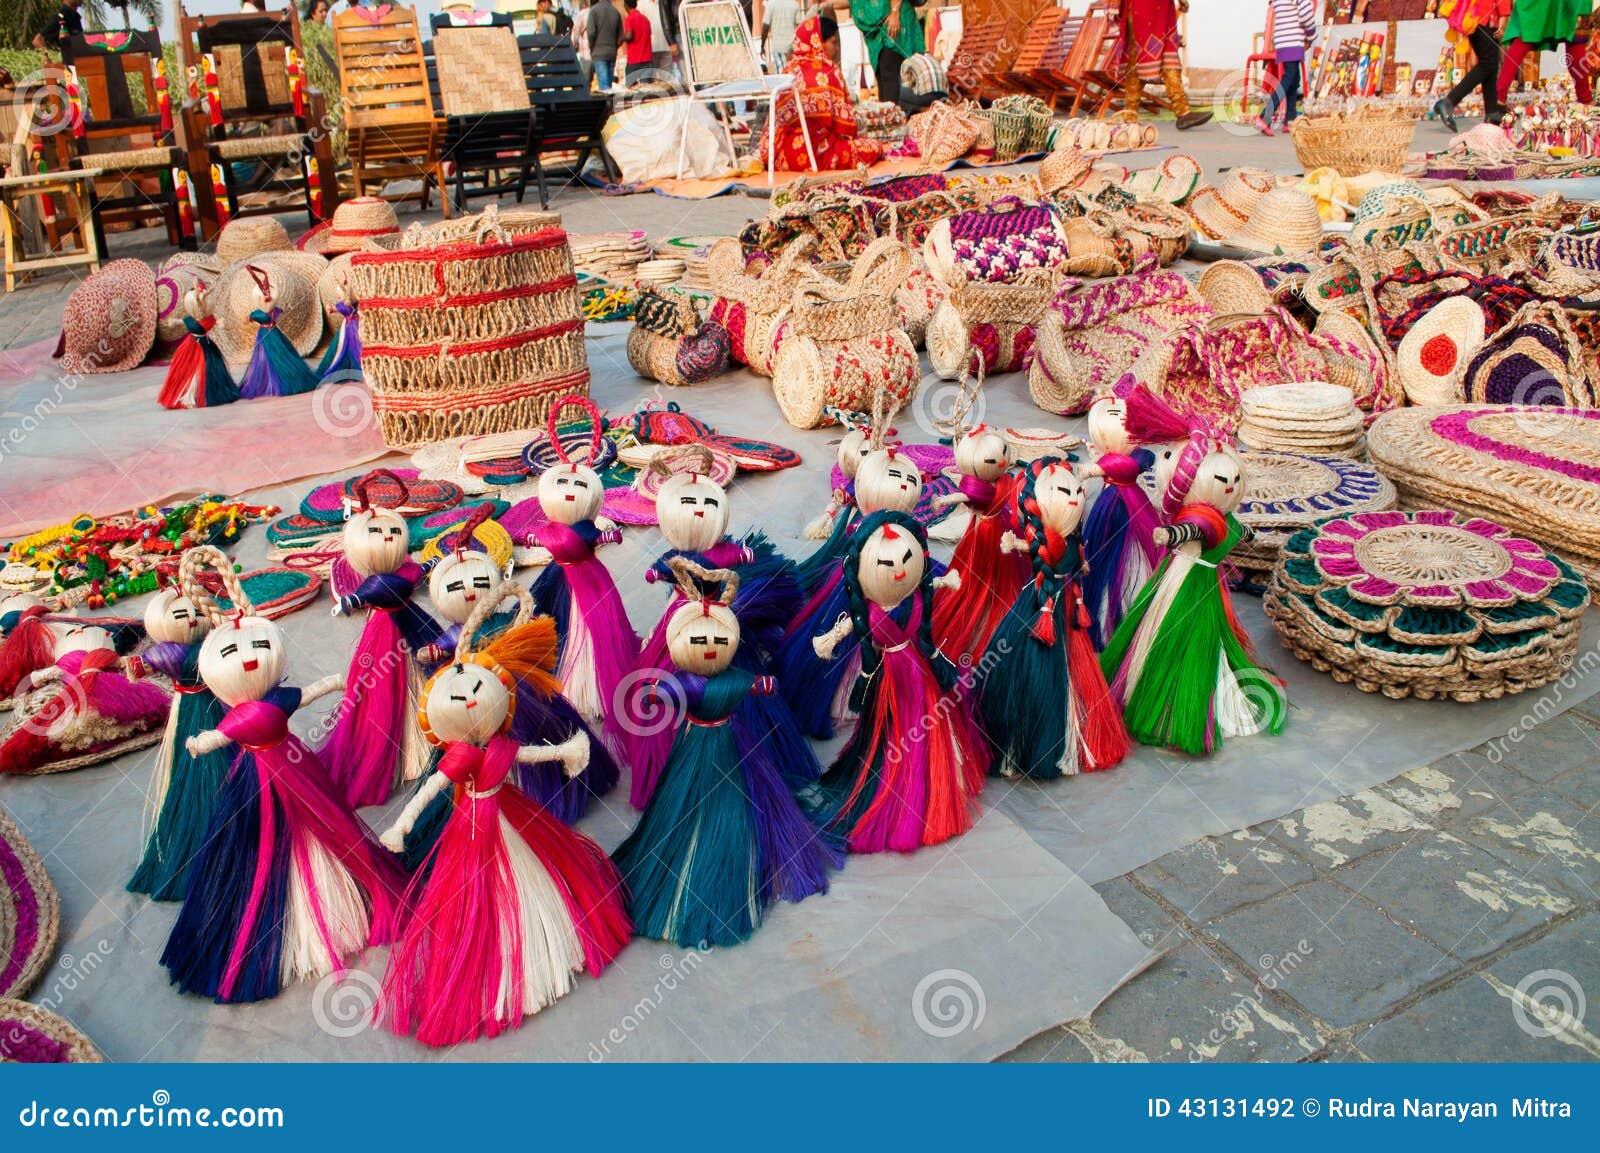 Poup es oeuvre d 39 art artisanat indien juste chez kolkata - Artisanat d art hervet manufacturier ...